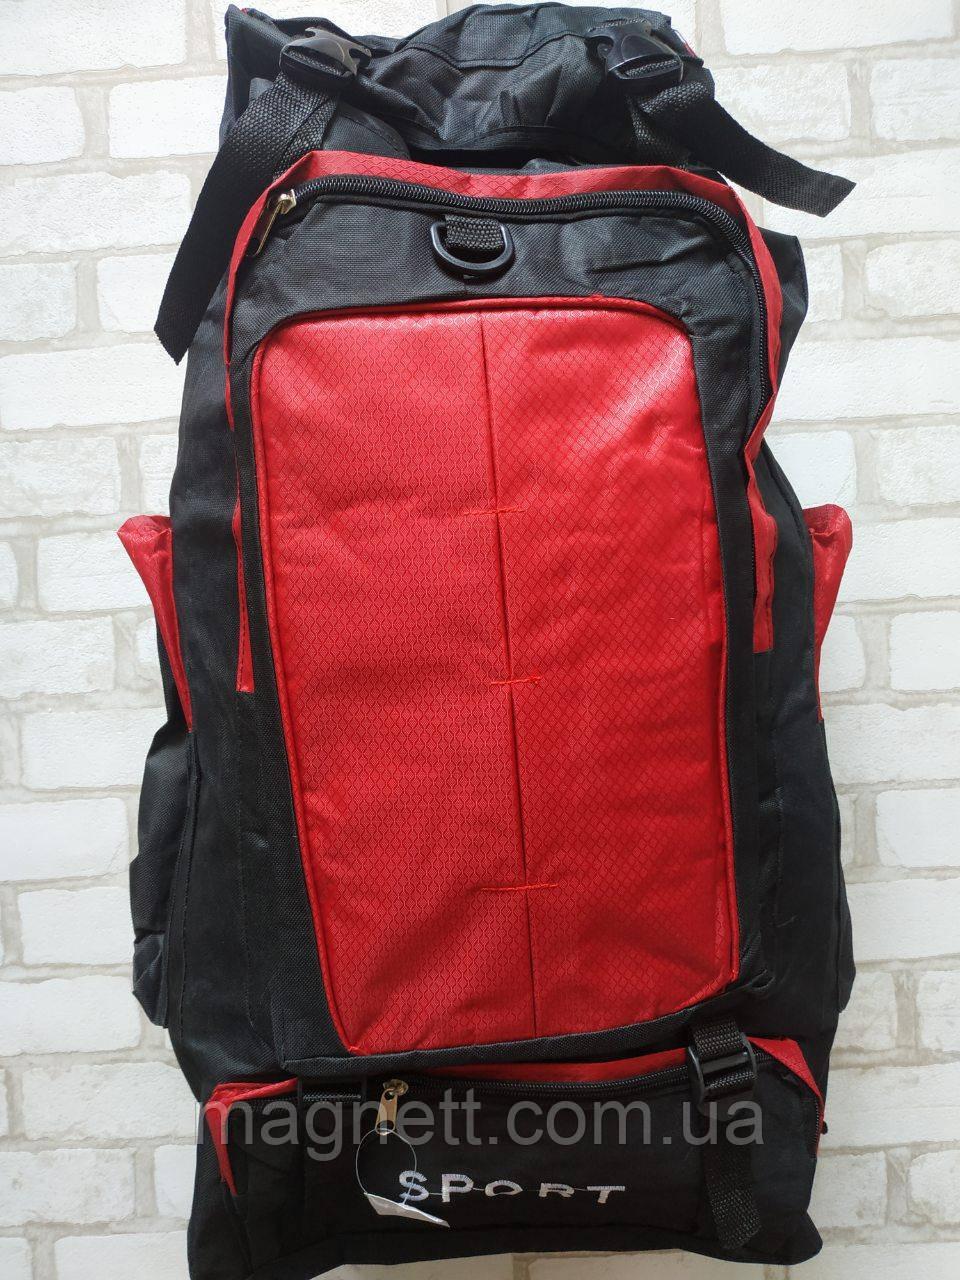 Туристический,походной дорожный рюкзак Sport 70 литров (красный)